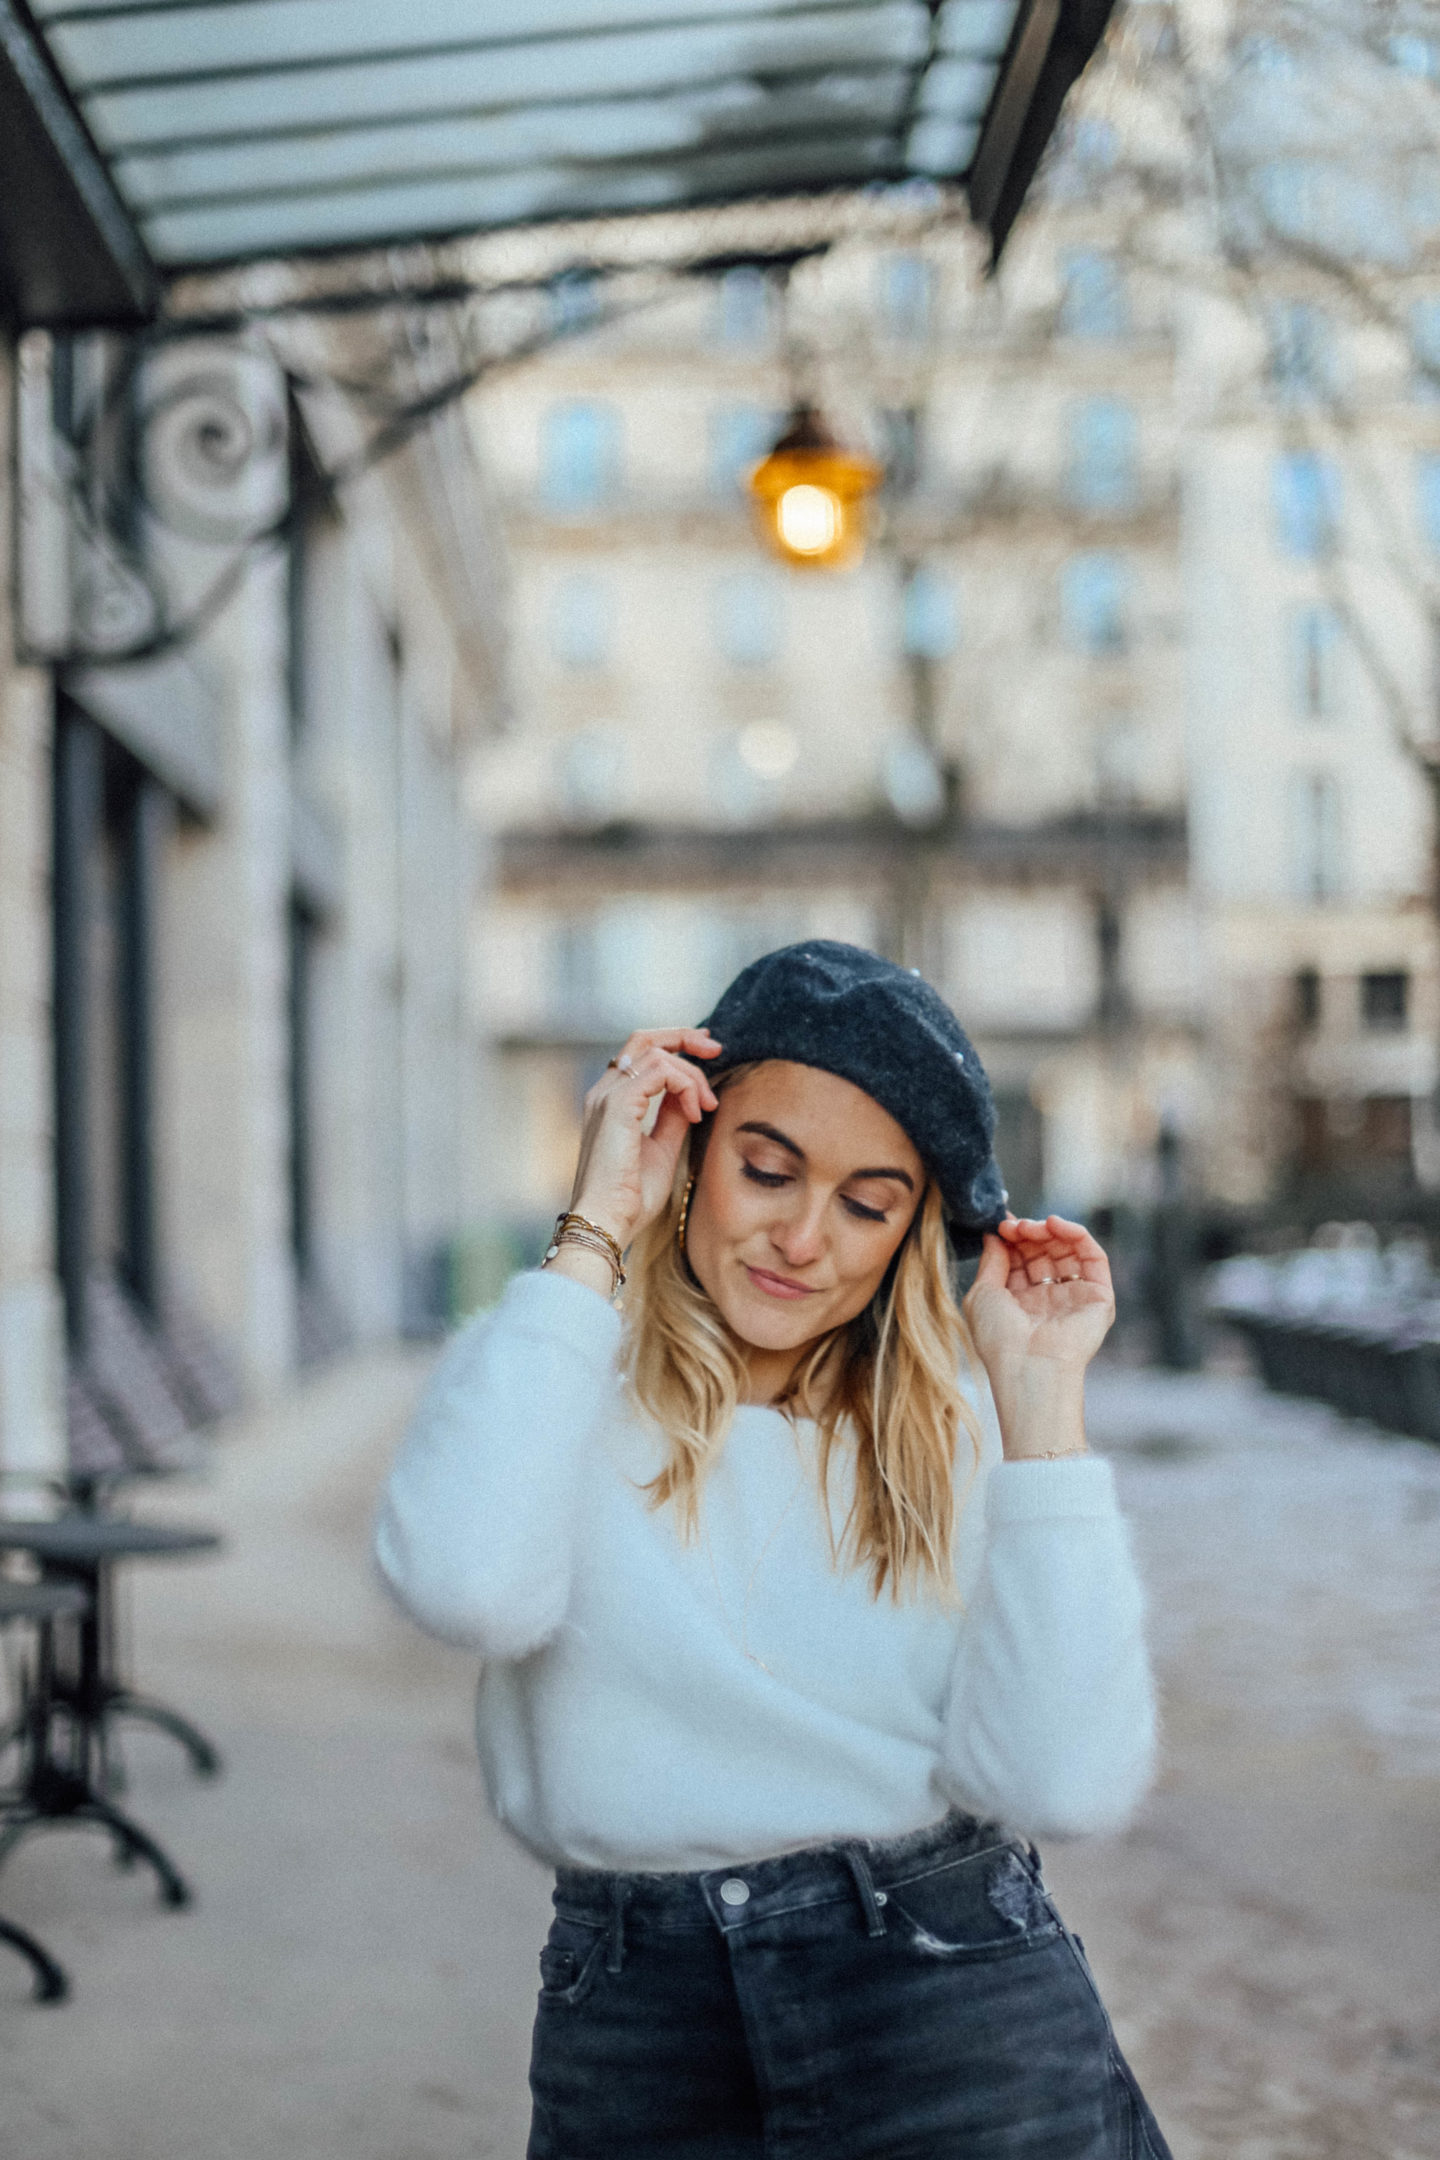 Loft by Denis L'Oréal profesionnnel - Blondie Baby blog mode et voyages